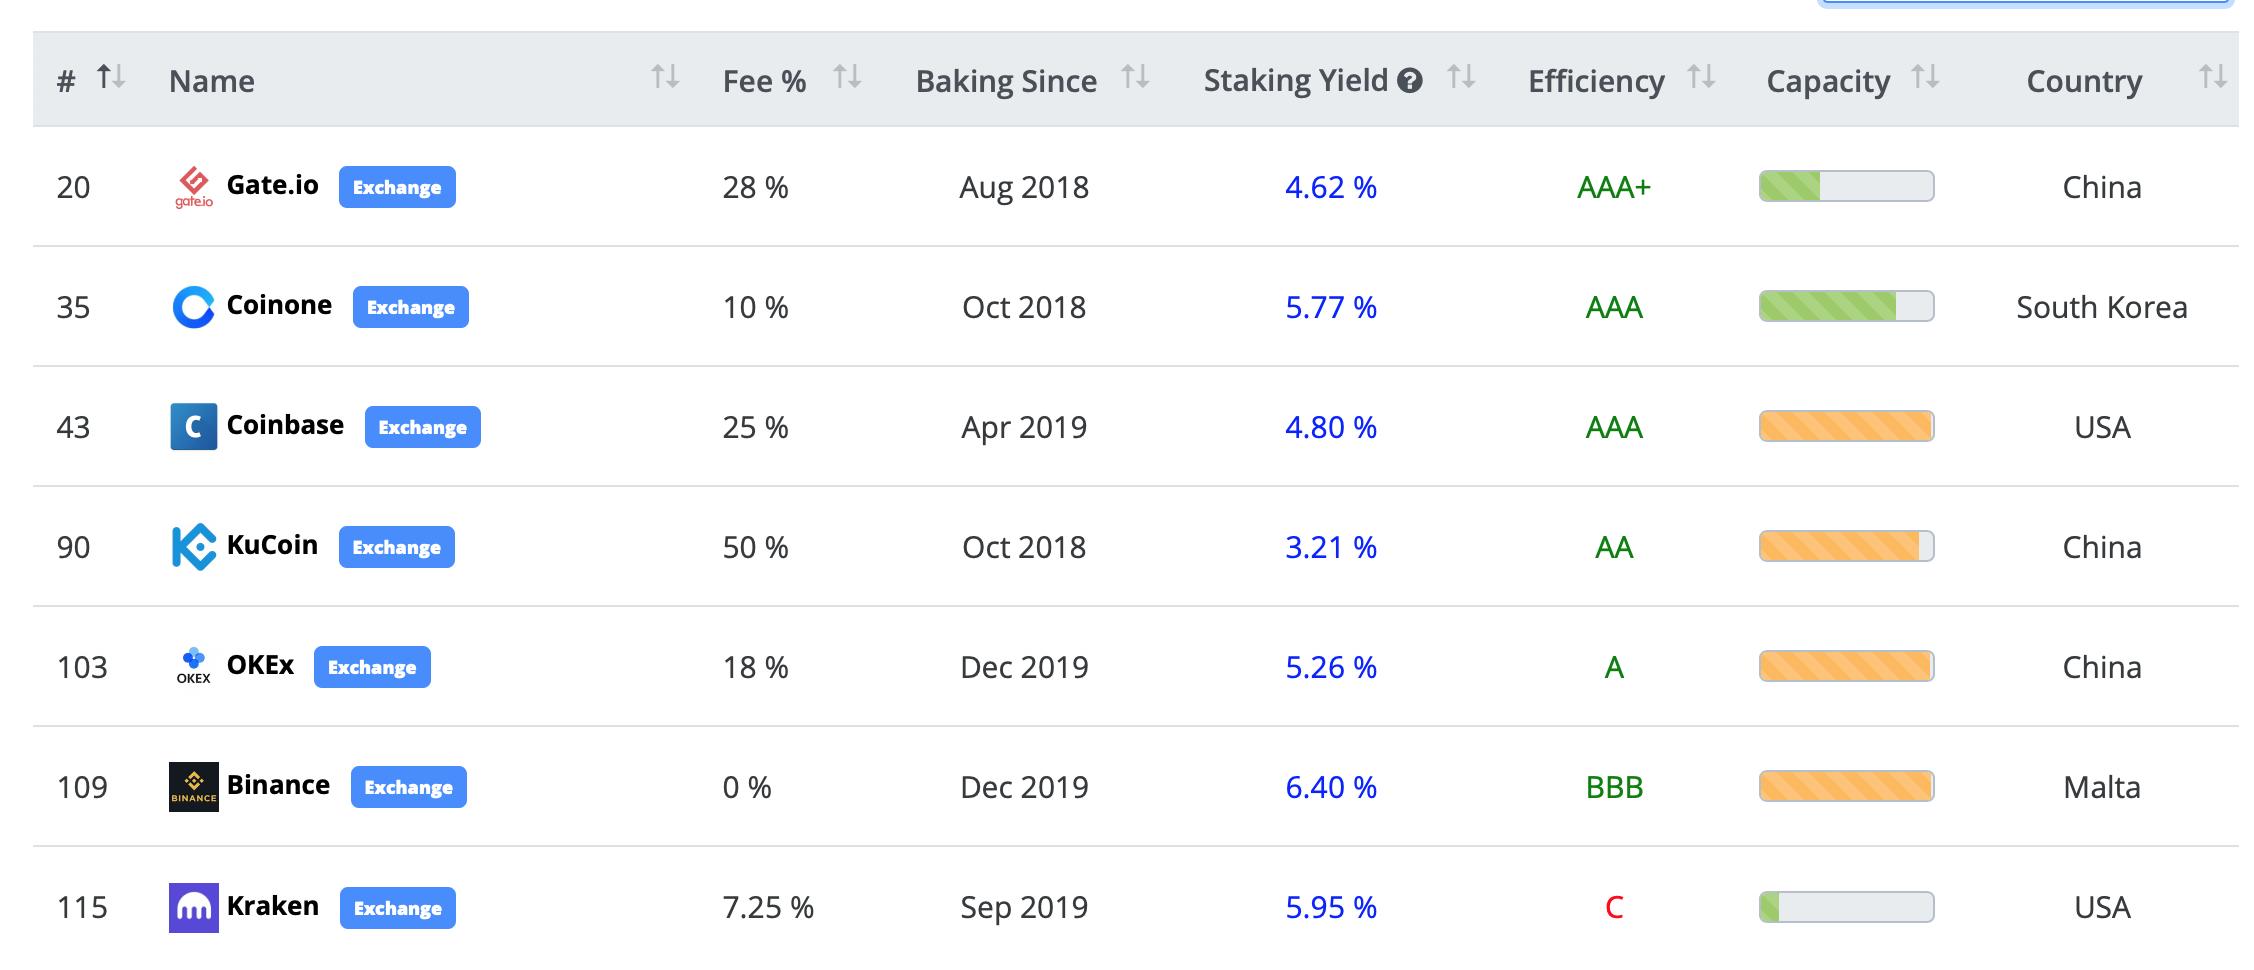 Lãi suất staking của LOOM Network cũng đạt 6% APY, cao hơn so với những gì người dùng có thể nhận được với việc khóa 2 tuần trên chuỗi (5% APY) nếu dùng ví cá nhân của họ.